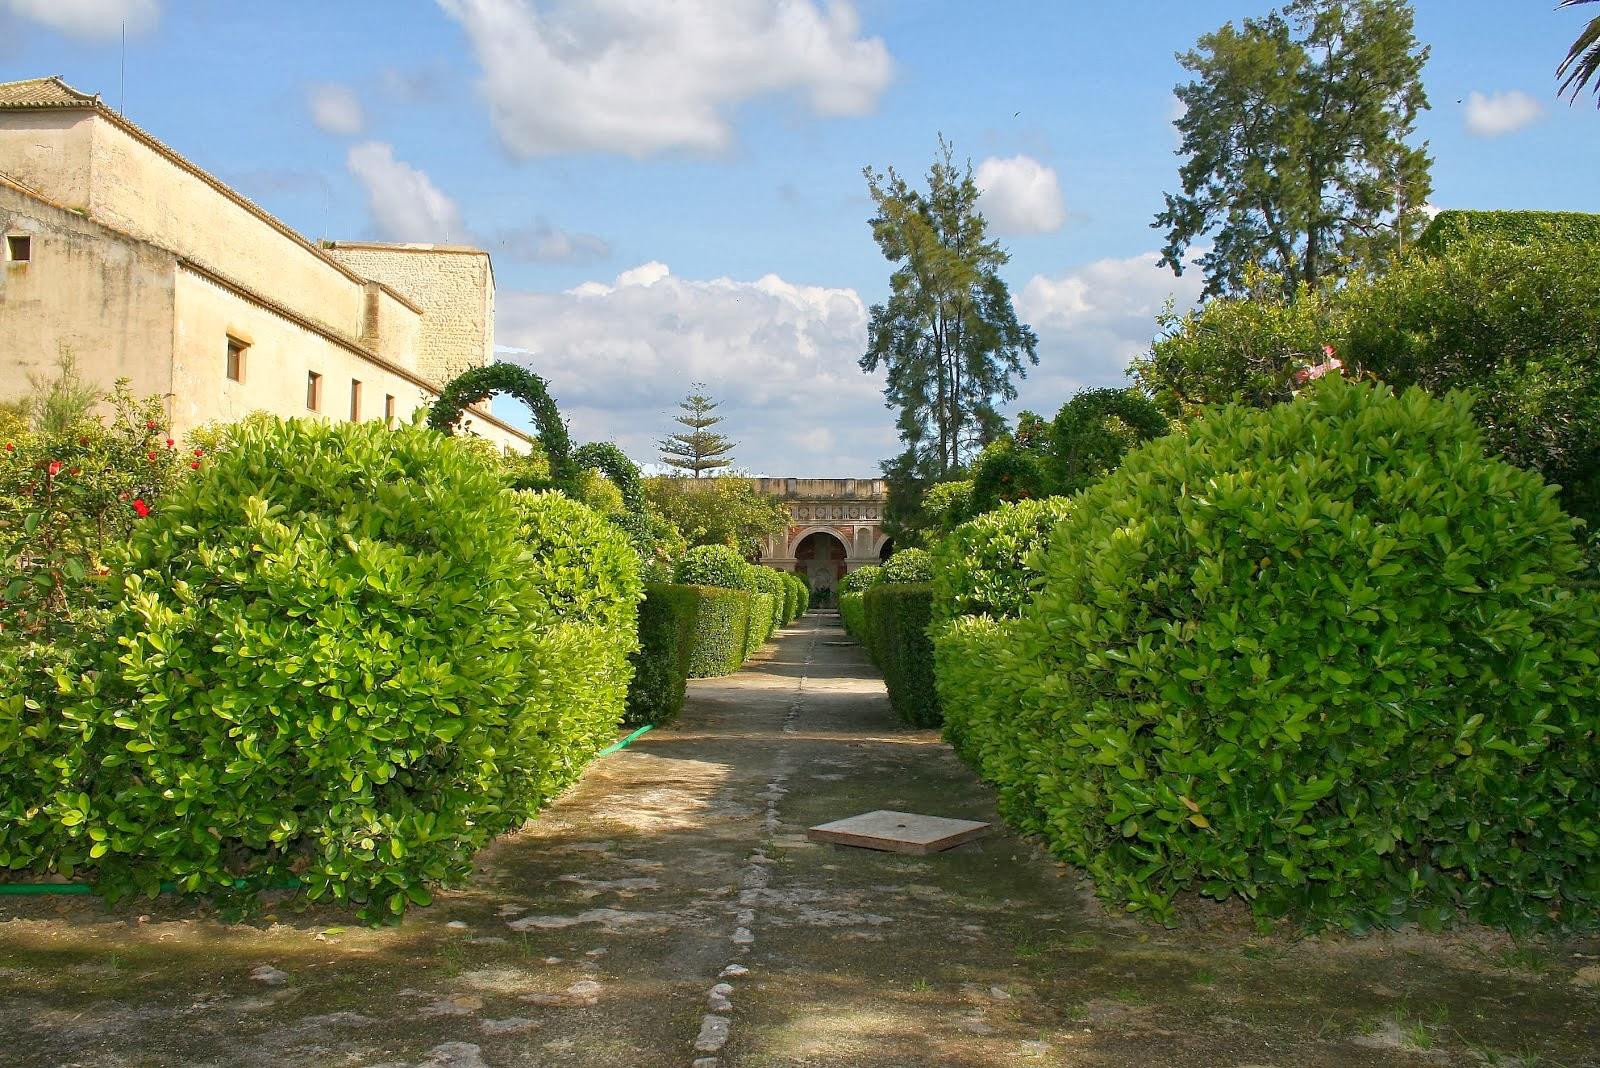 El jard n de los suspiros y los secretos for El jardin de los secretos